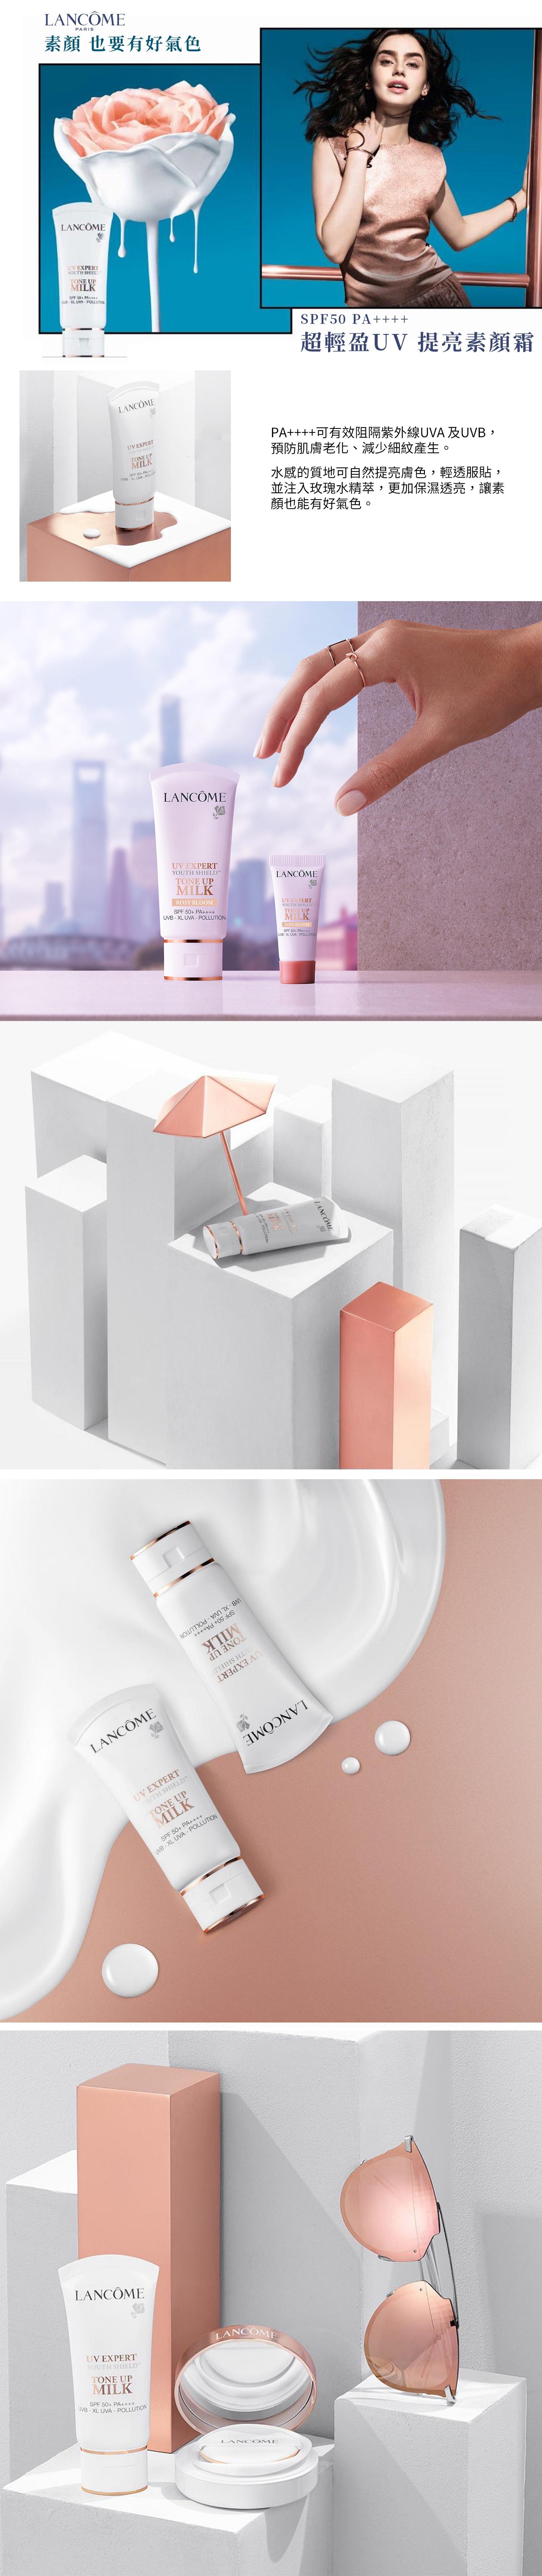 蘭蔻 Lancome 超輕盈UV 提亮素顏霜 SPF50+ PA++++ 30ml 公司貨 高防曬 清爽不黏膩